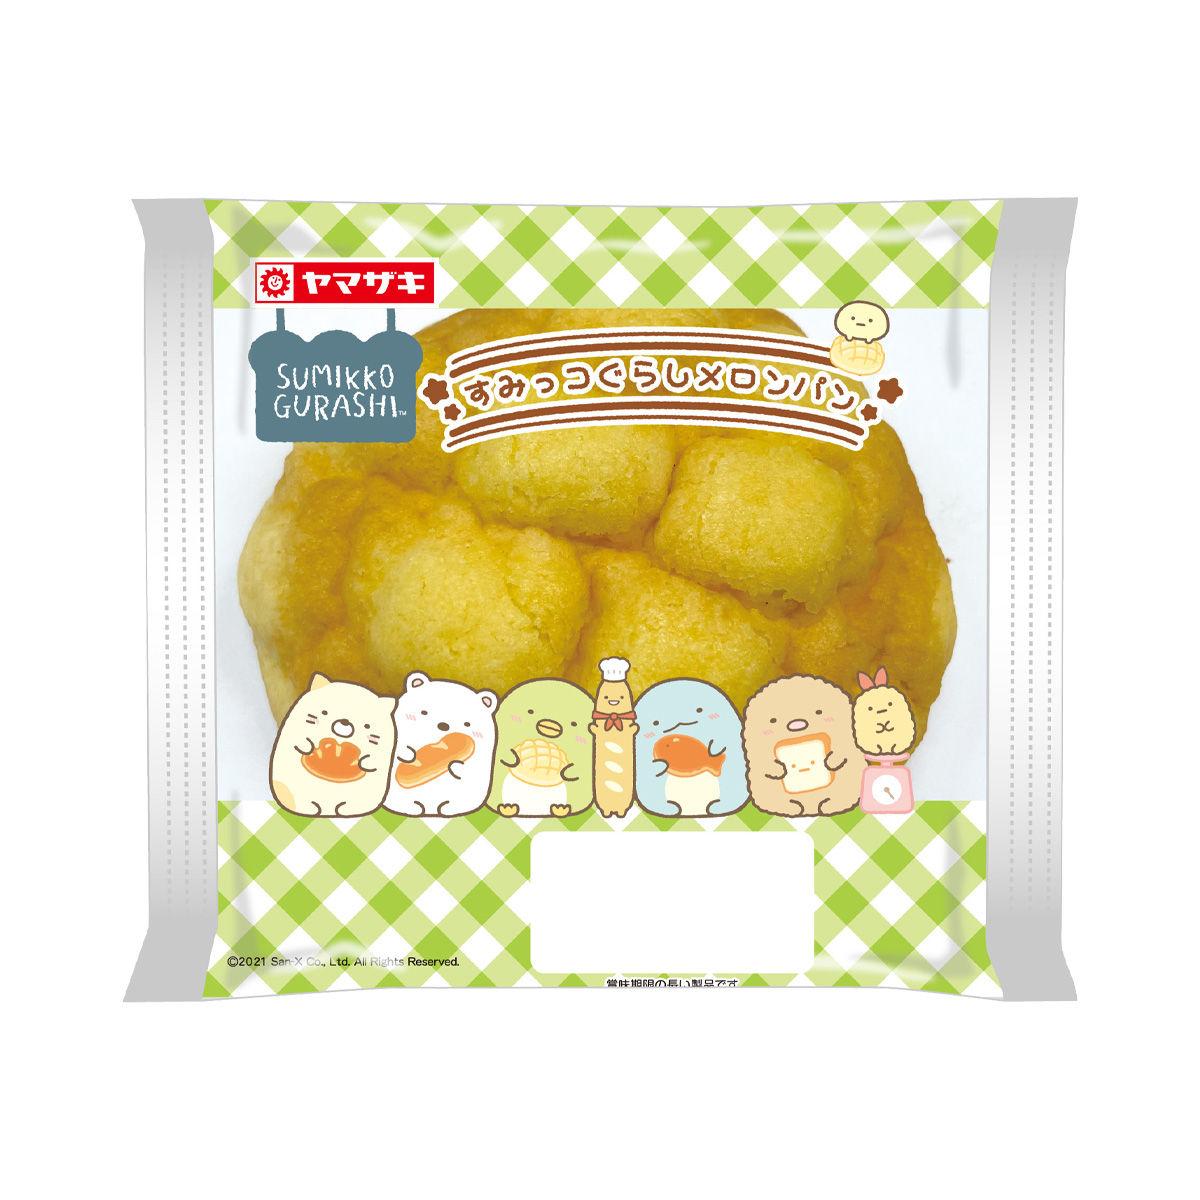 すみっコぐらし メロンパン_0